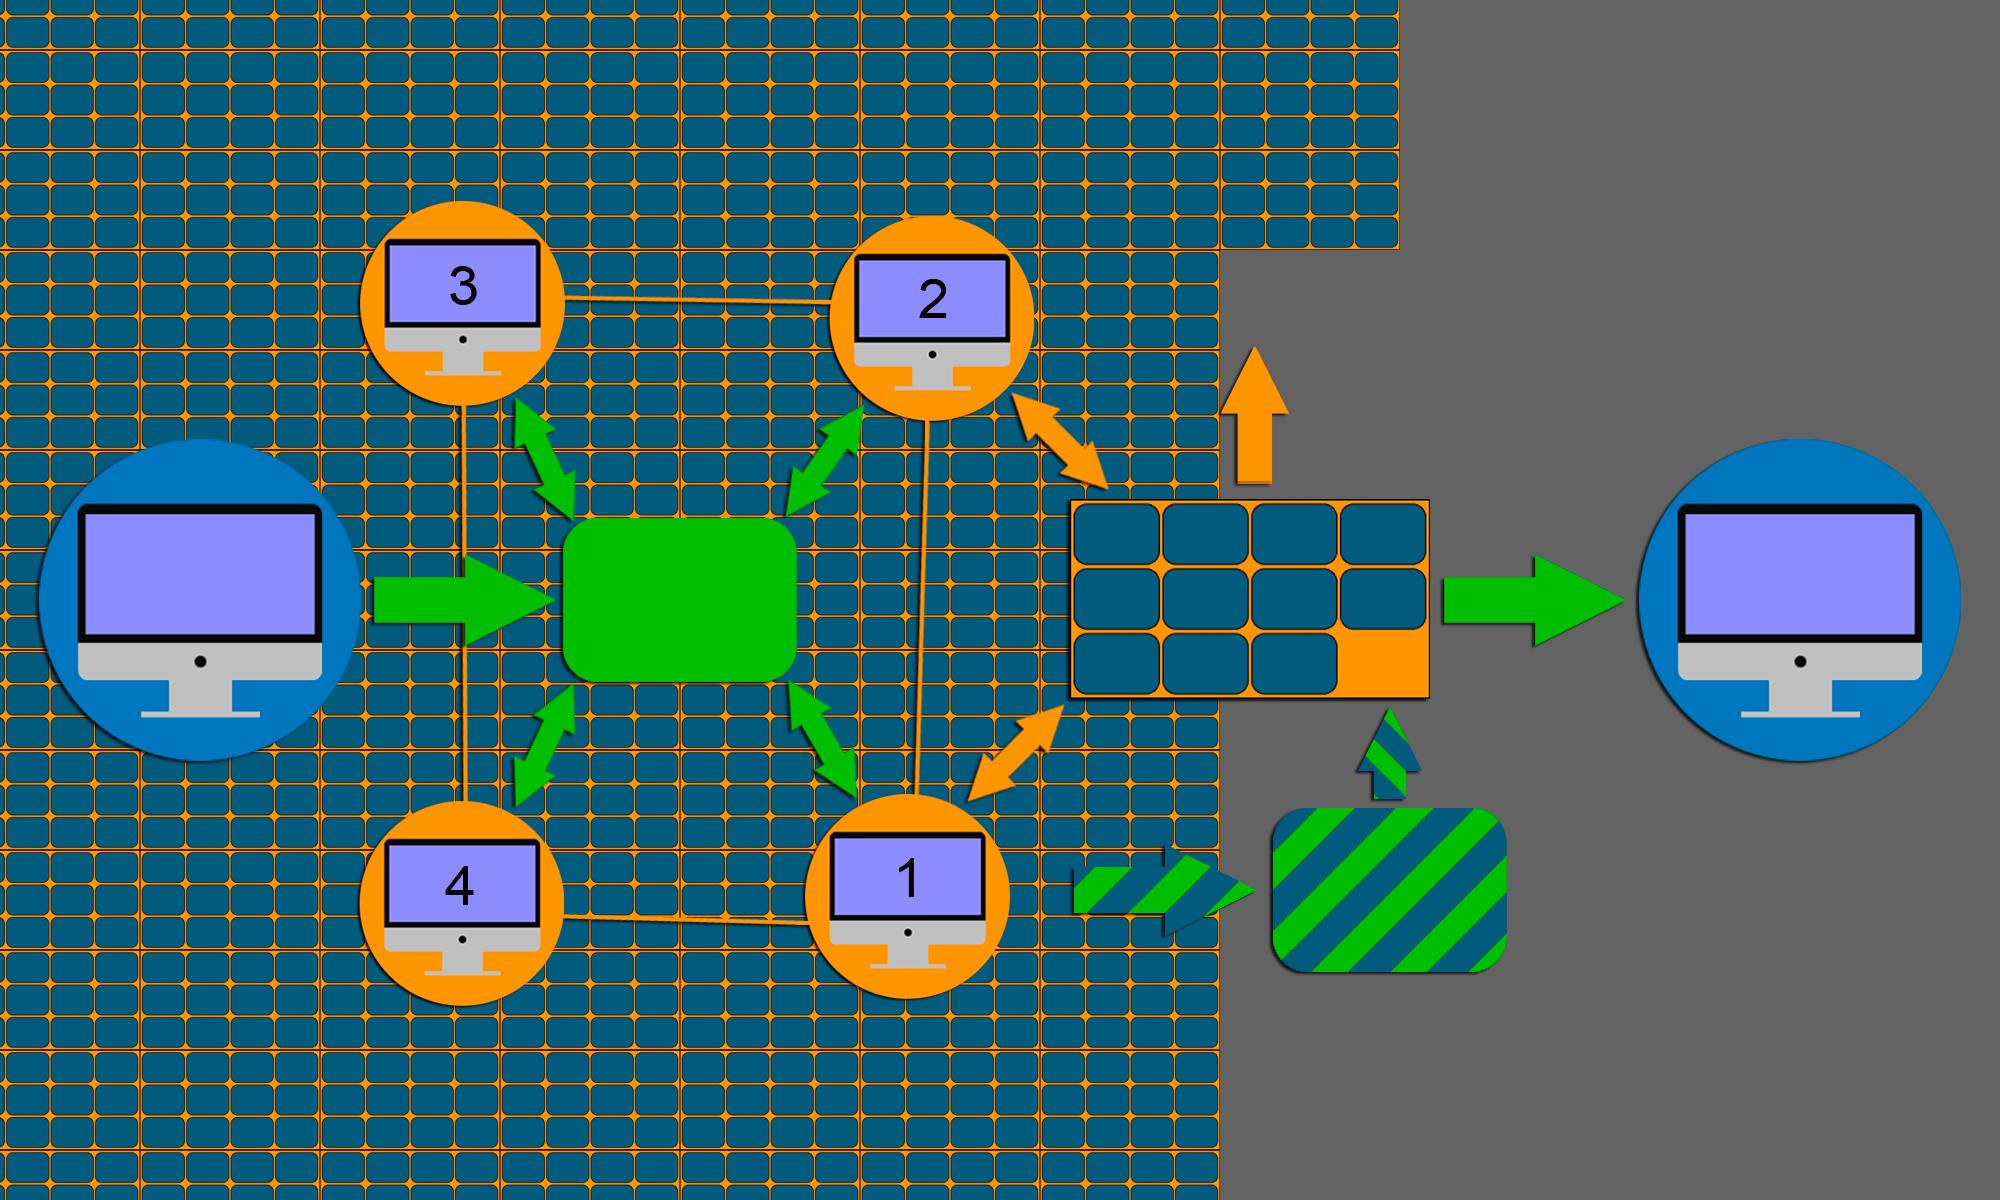 Узлы в сети Internet of Services. Уникальный алгоритм консенсуса, называемый Доказательством правдоподобности сети (доказательством надежности)